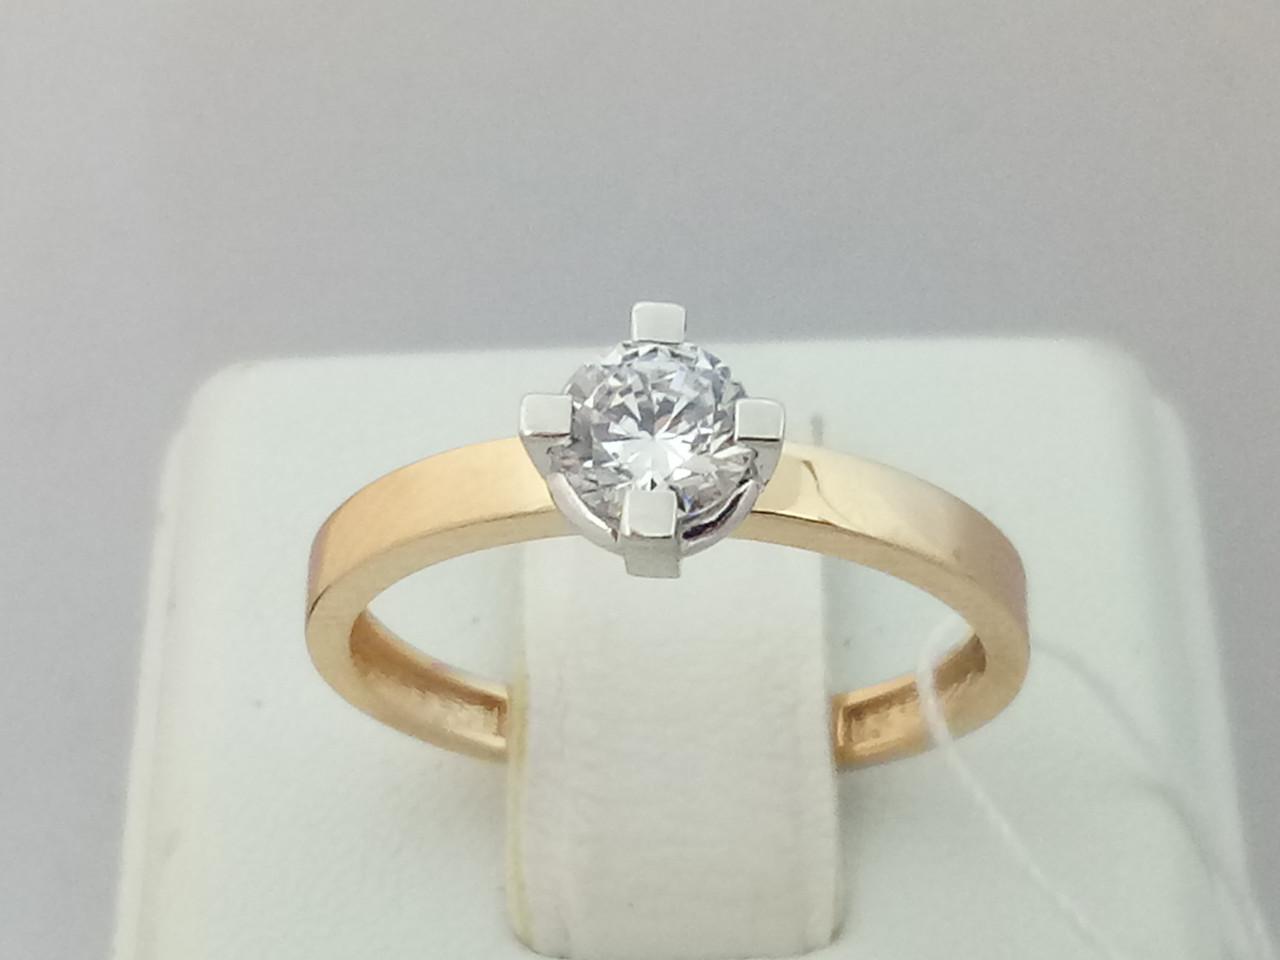 Золотое кольцо с фианитом. Артикул 146600